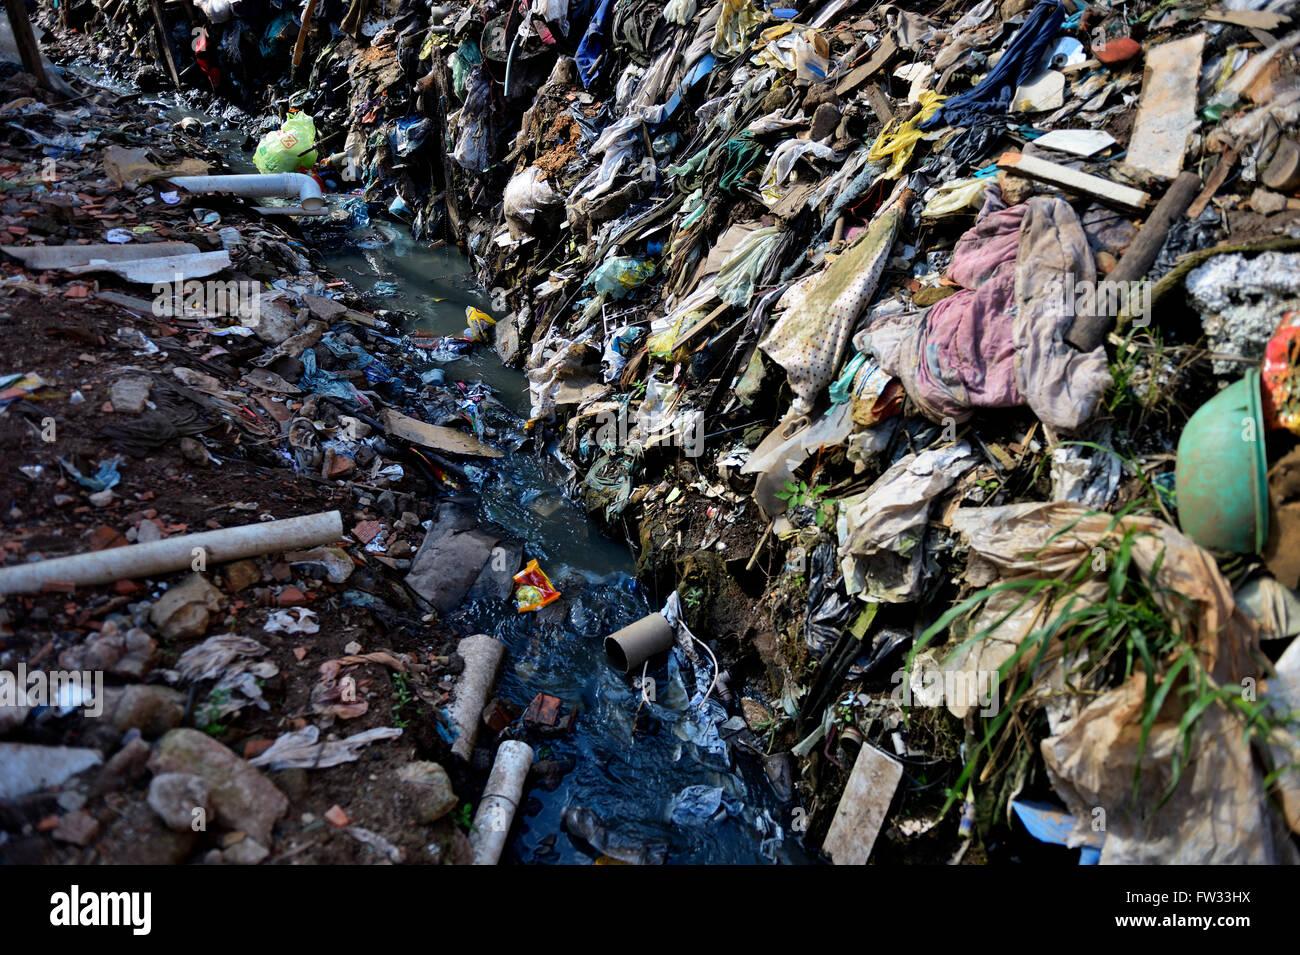 Cloaca, riachuelo contaminado en la favela Buraco do Tatu, Sapopemba, Zona Suedeste, São Paulo, Brasil Imagen De Stock